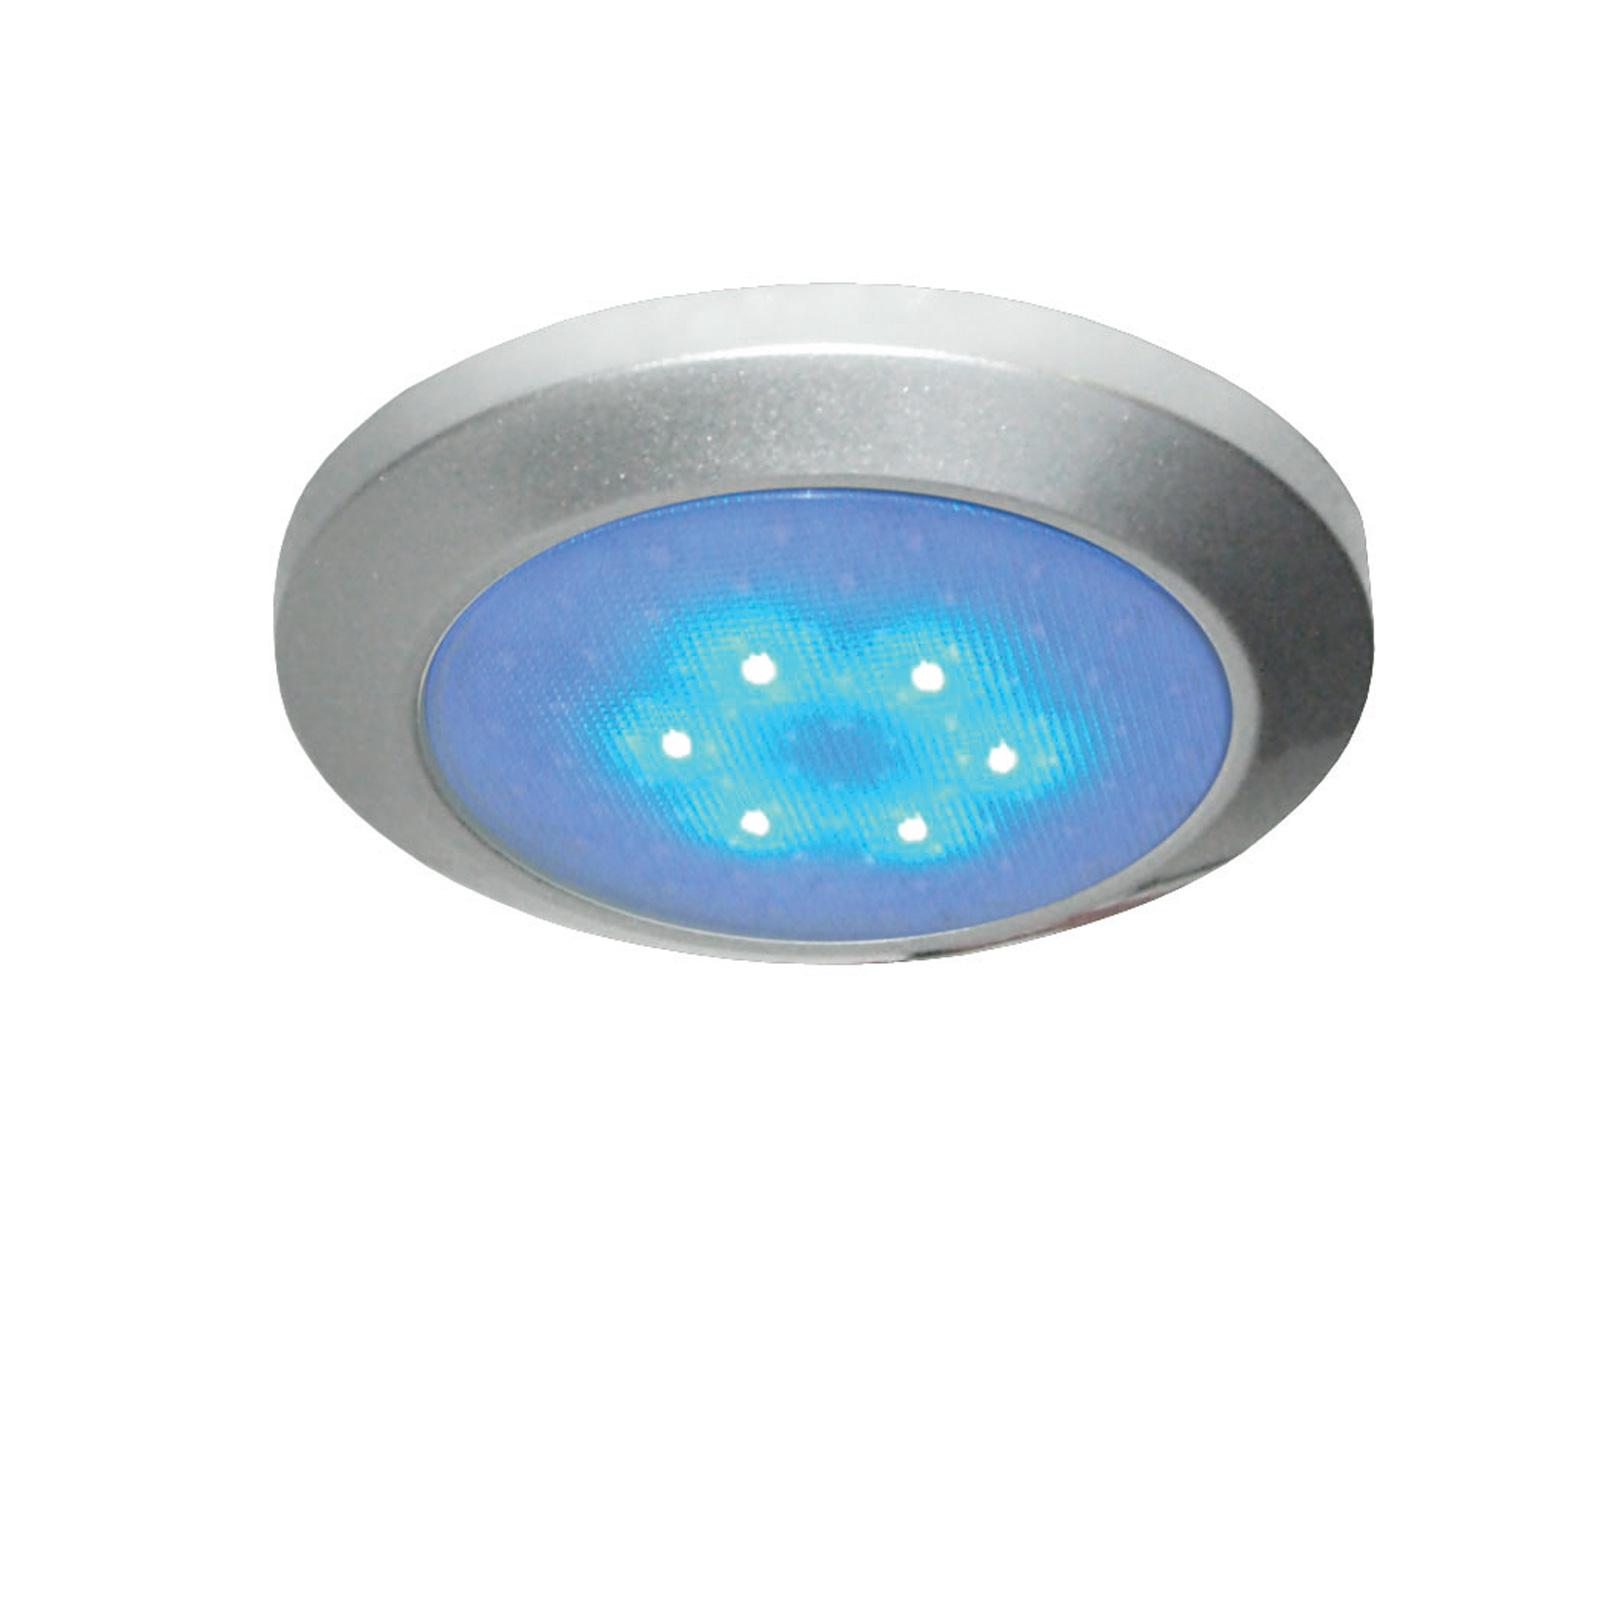 LED 12V Leuchte Mini Slim Down Light Ø 69 mm, H 9,6 mm